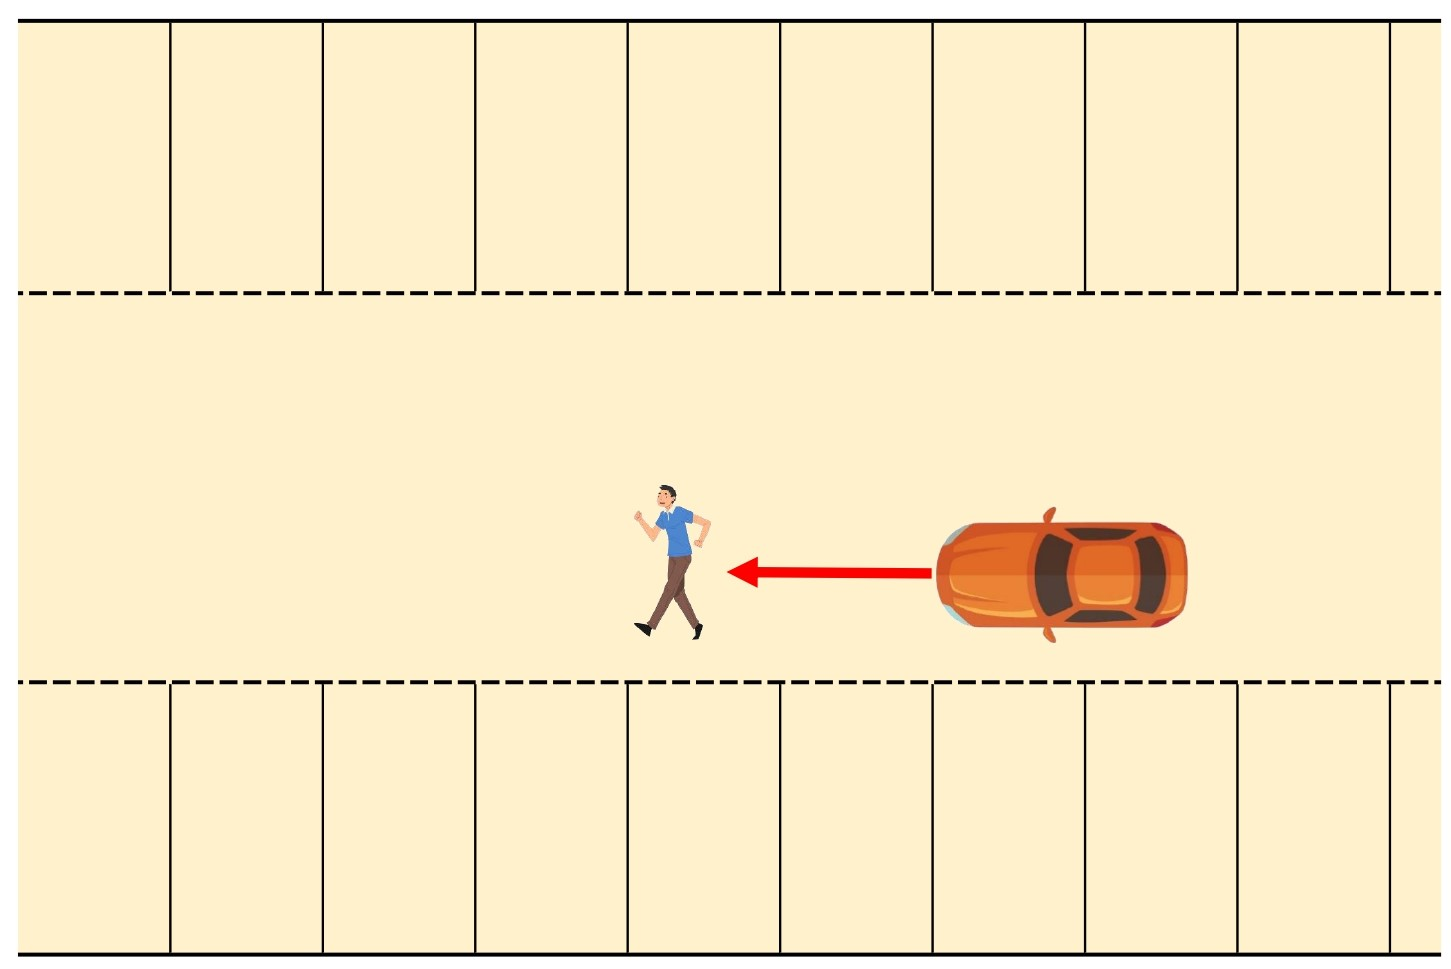 【図】駐車場内/歩行者と四輪車/通路